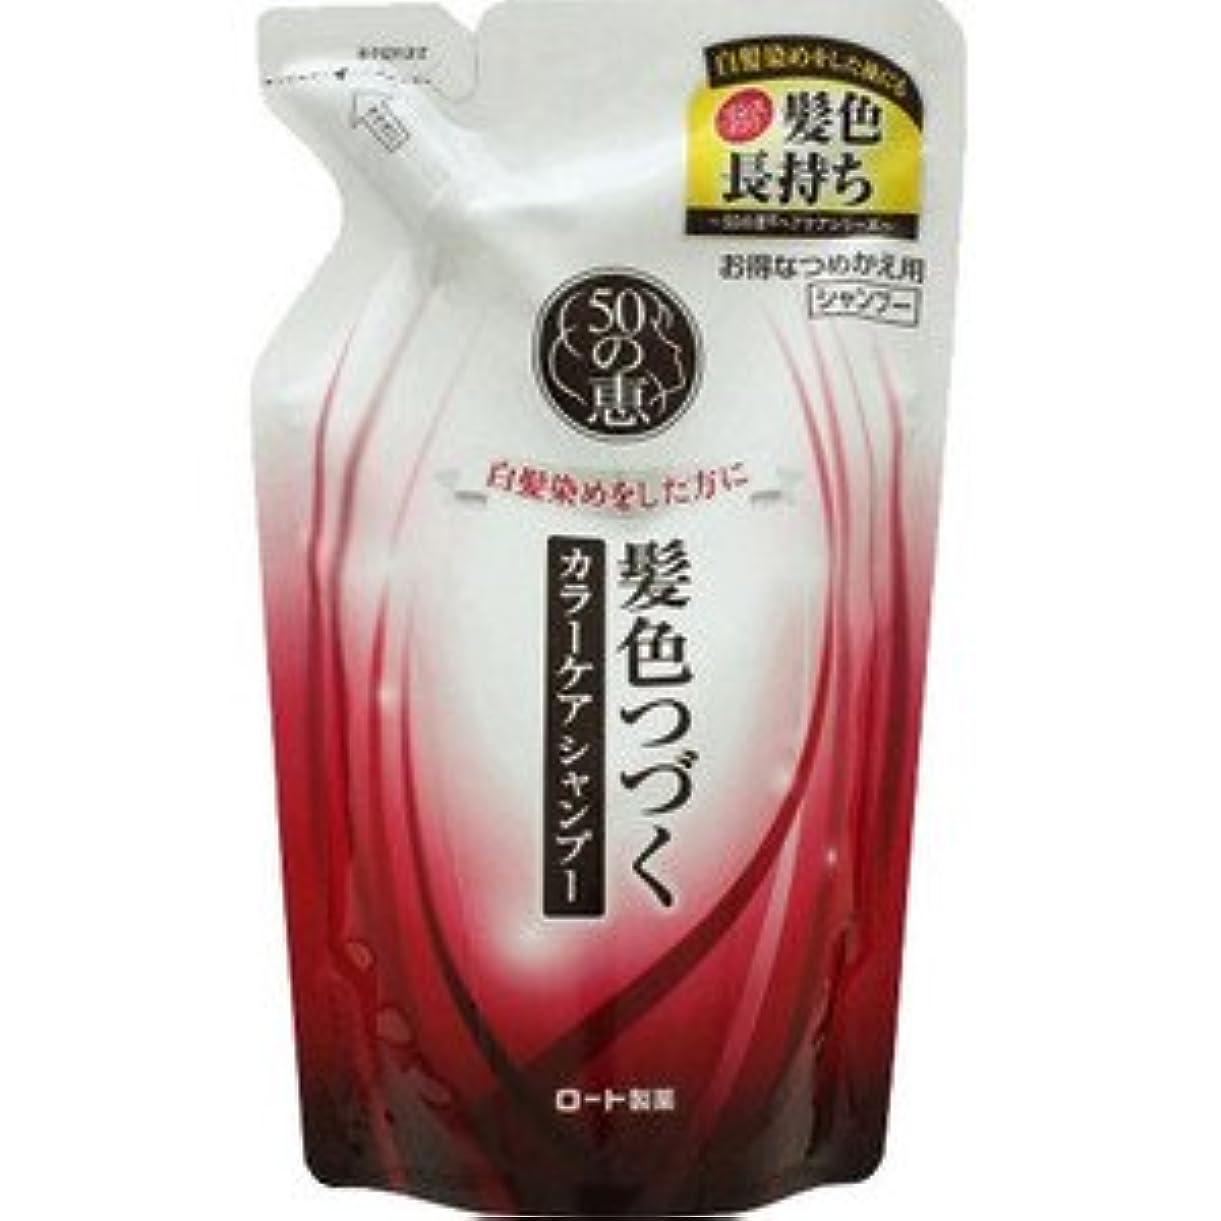 狂う領域辛な(ロート製薬)50の恵 髪色つづく カラーケア シャンプー(つめかえ用) 330ml(お買い得3個セット)